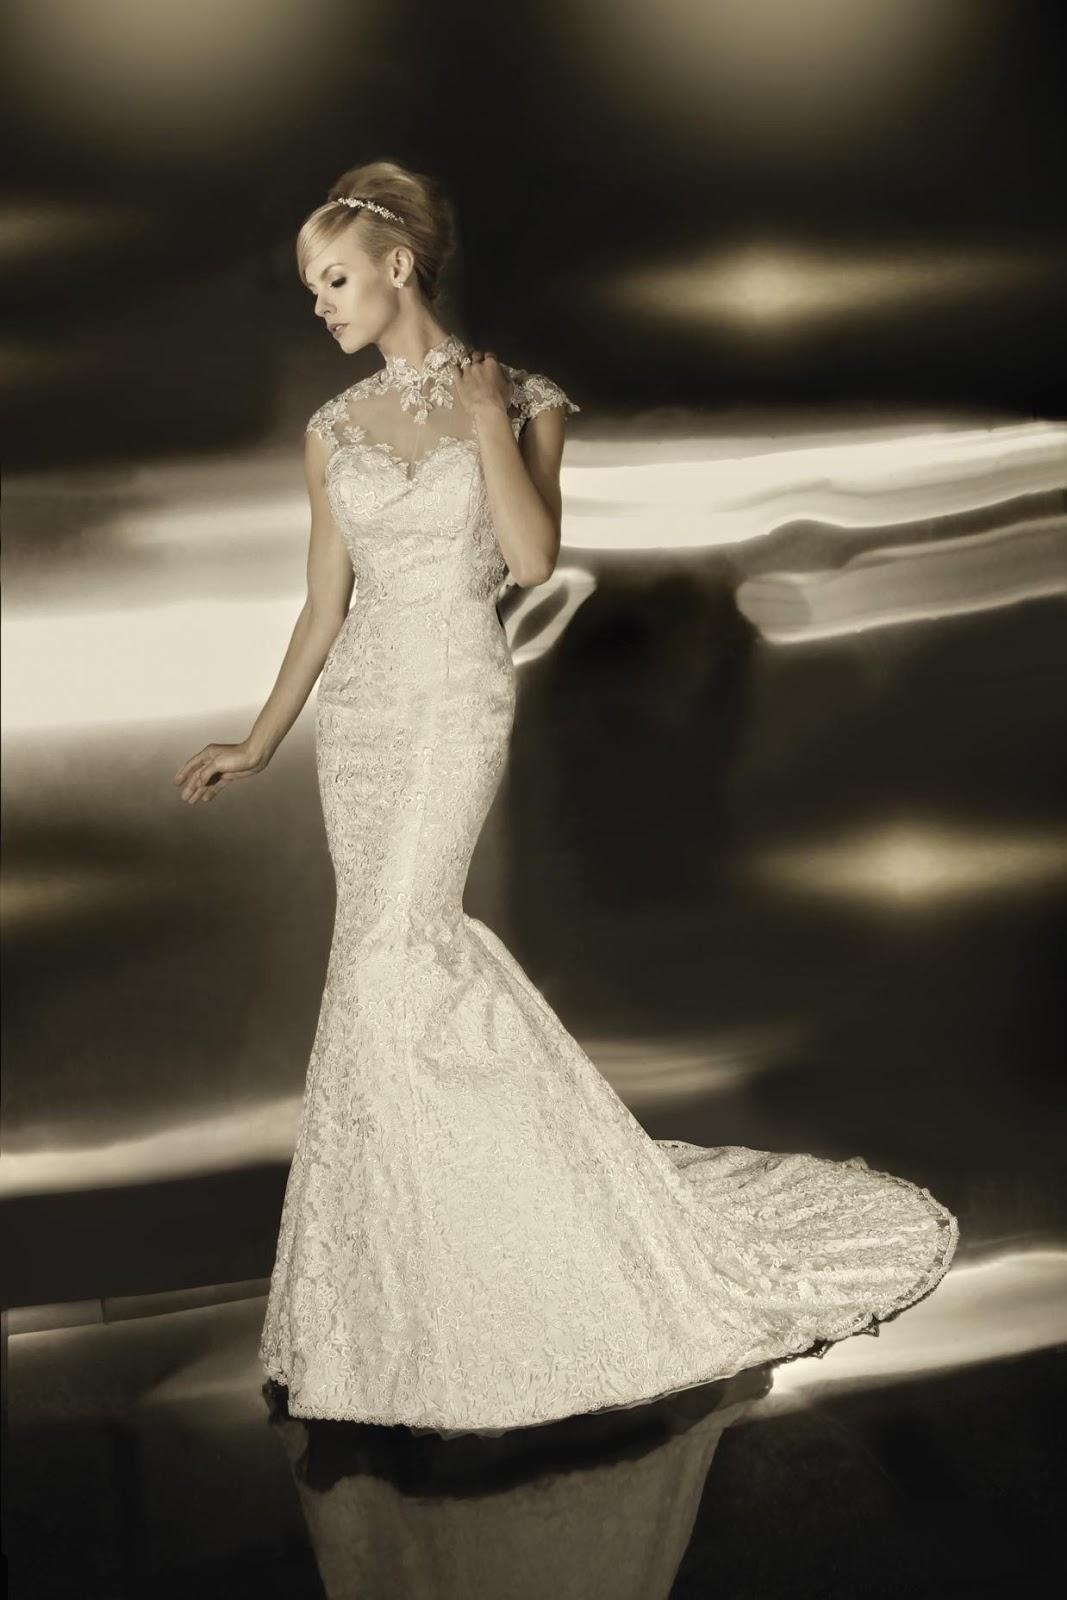 Simone Carvalli Spring 2014 Bridal Collection